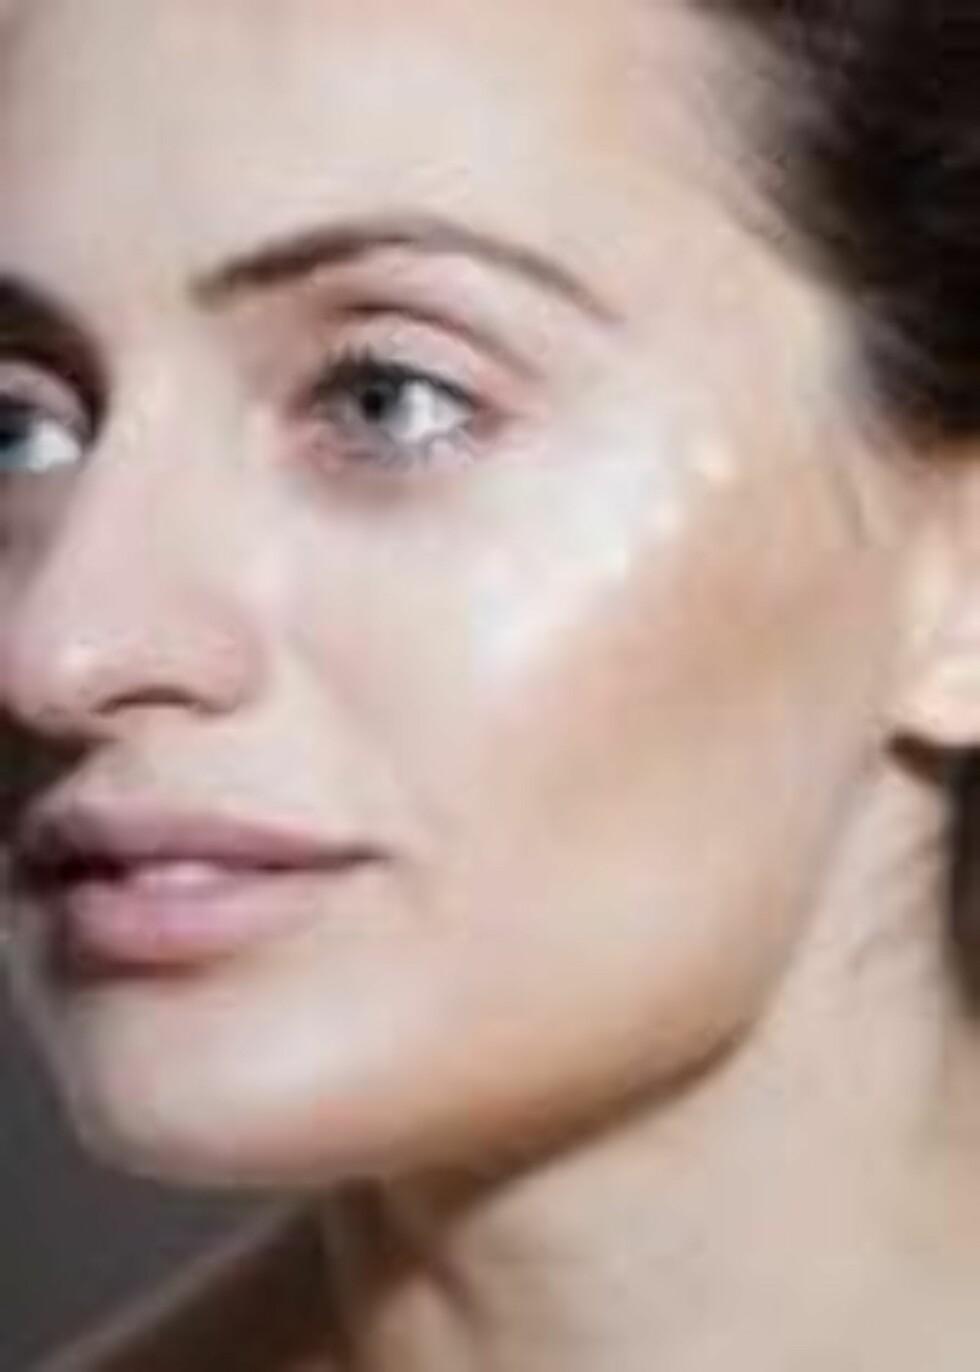 STEG 3: Bruk en perlemorskrem eller fint highlighterpudder til å markere de høyeste punktene i ansiktet. Foto: Astrid Waller